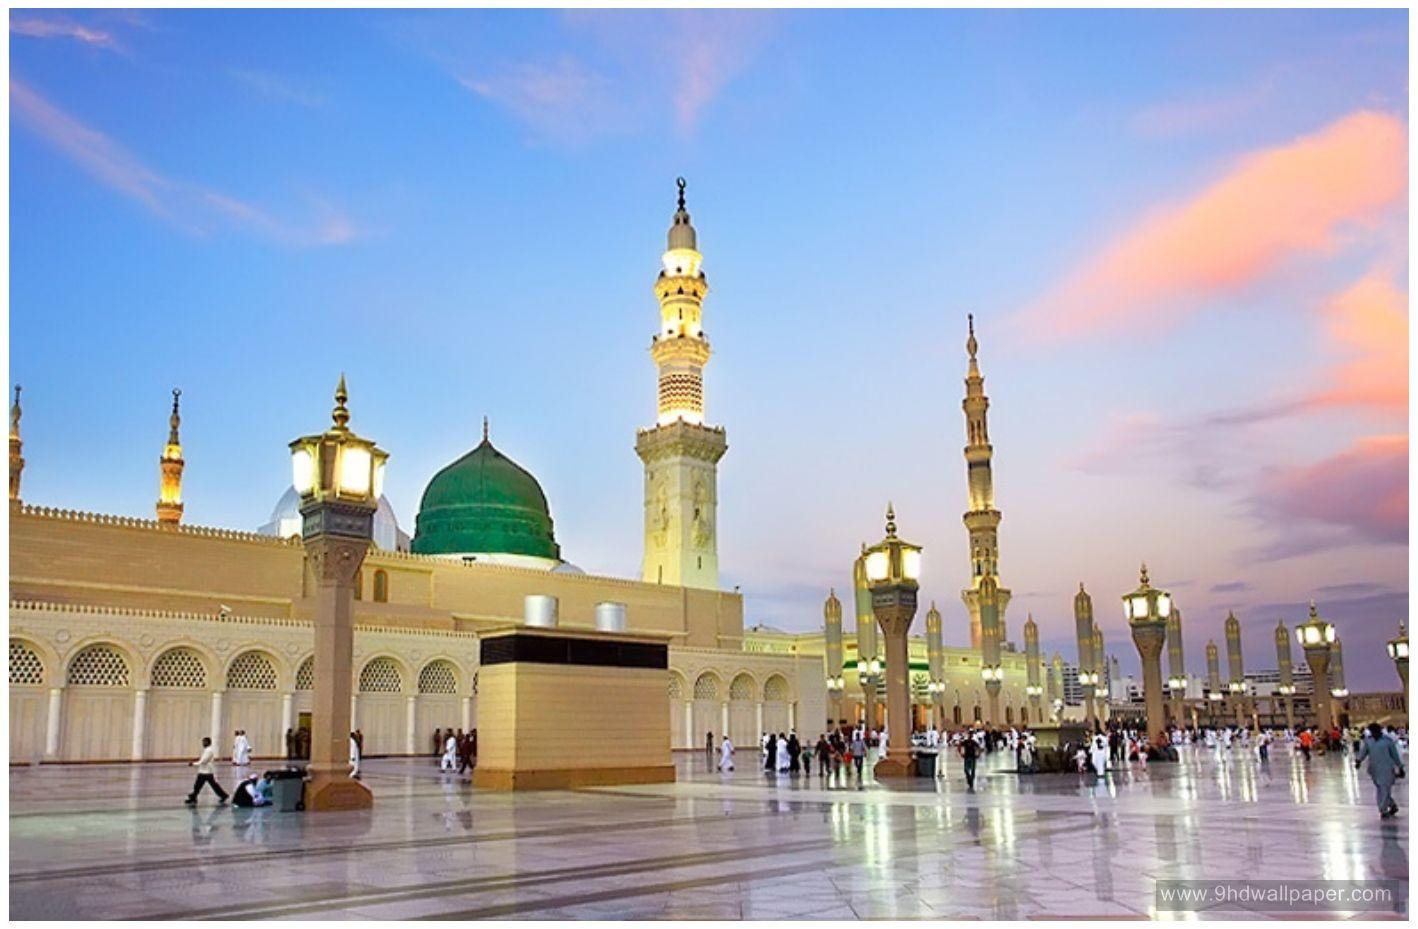 Masjid Nabawi Hd Wallpaper Free Download 7 Mesjid Qur An Islam